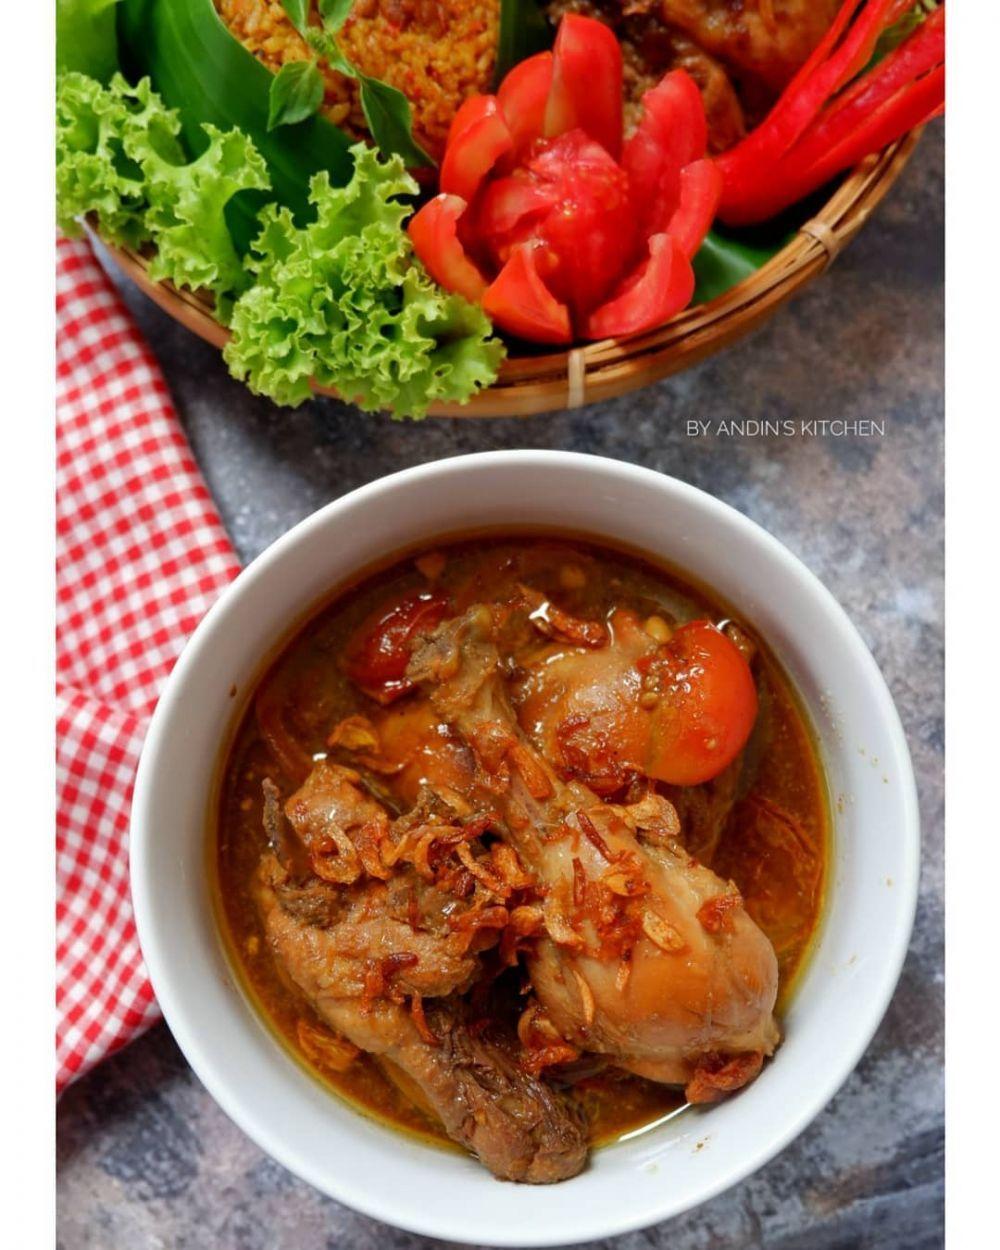 Resep Olahan Ayam Sederhana C 2020 Brilio Net Instagram Yulichia88 Instagram Novita Sari Masakan Asia Resep Resep Ayam